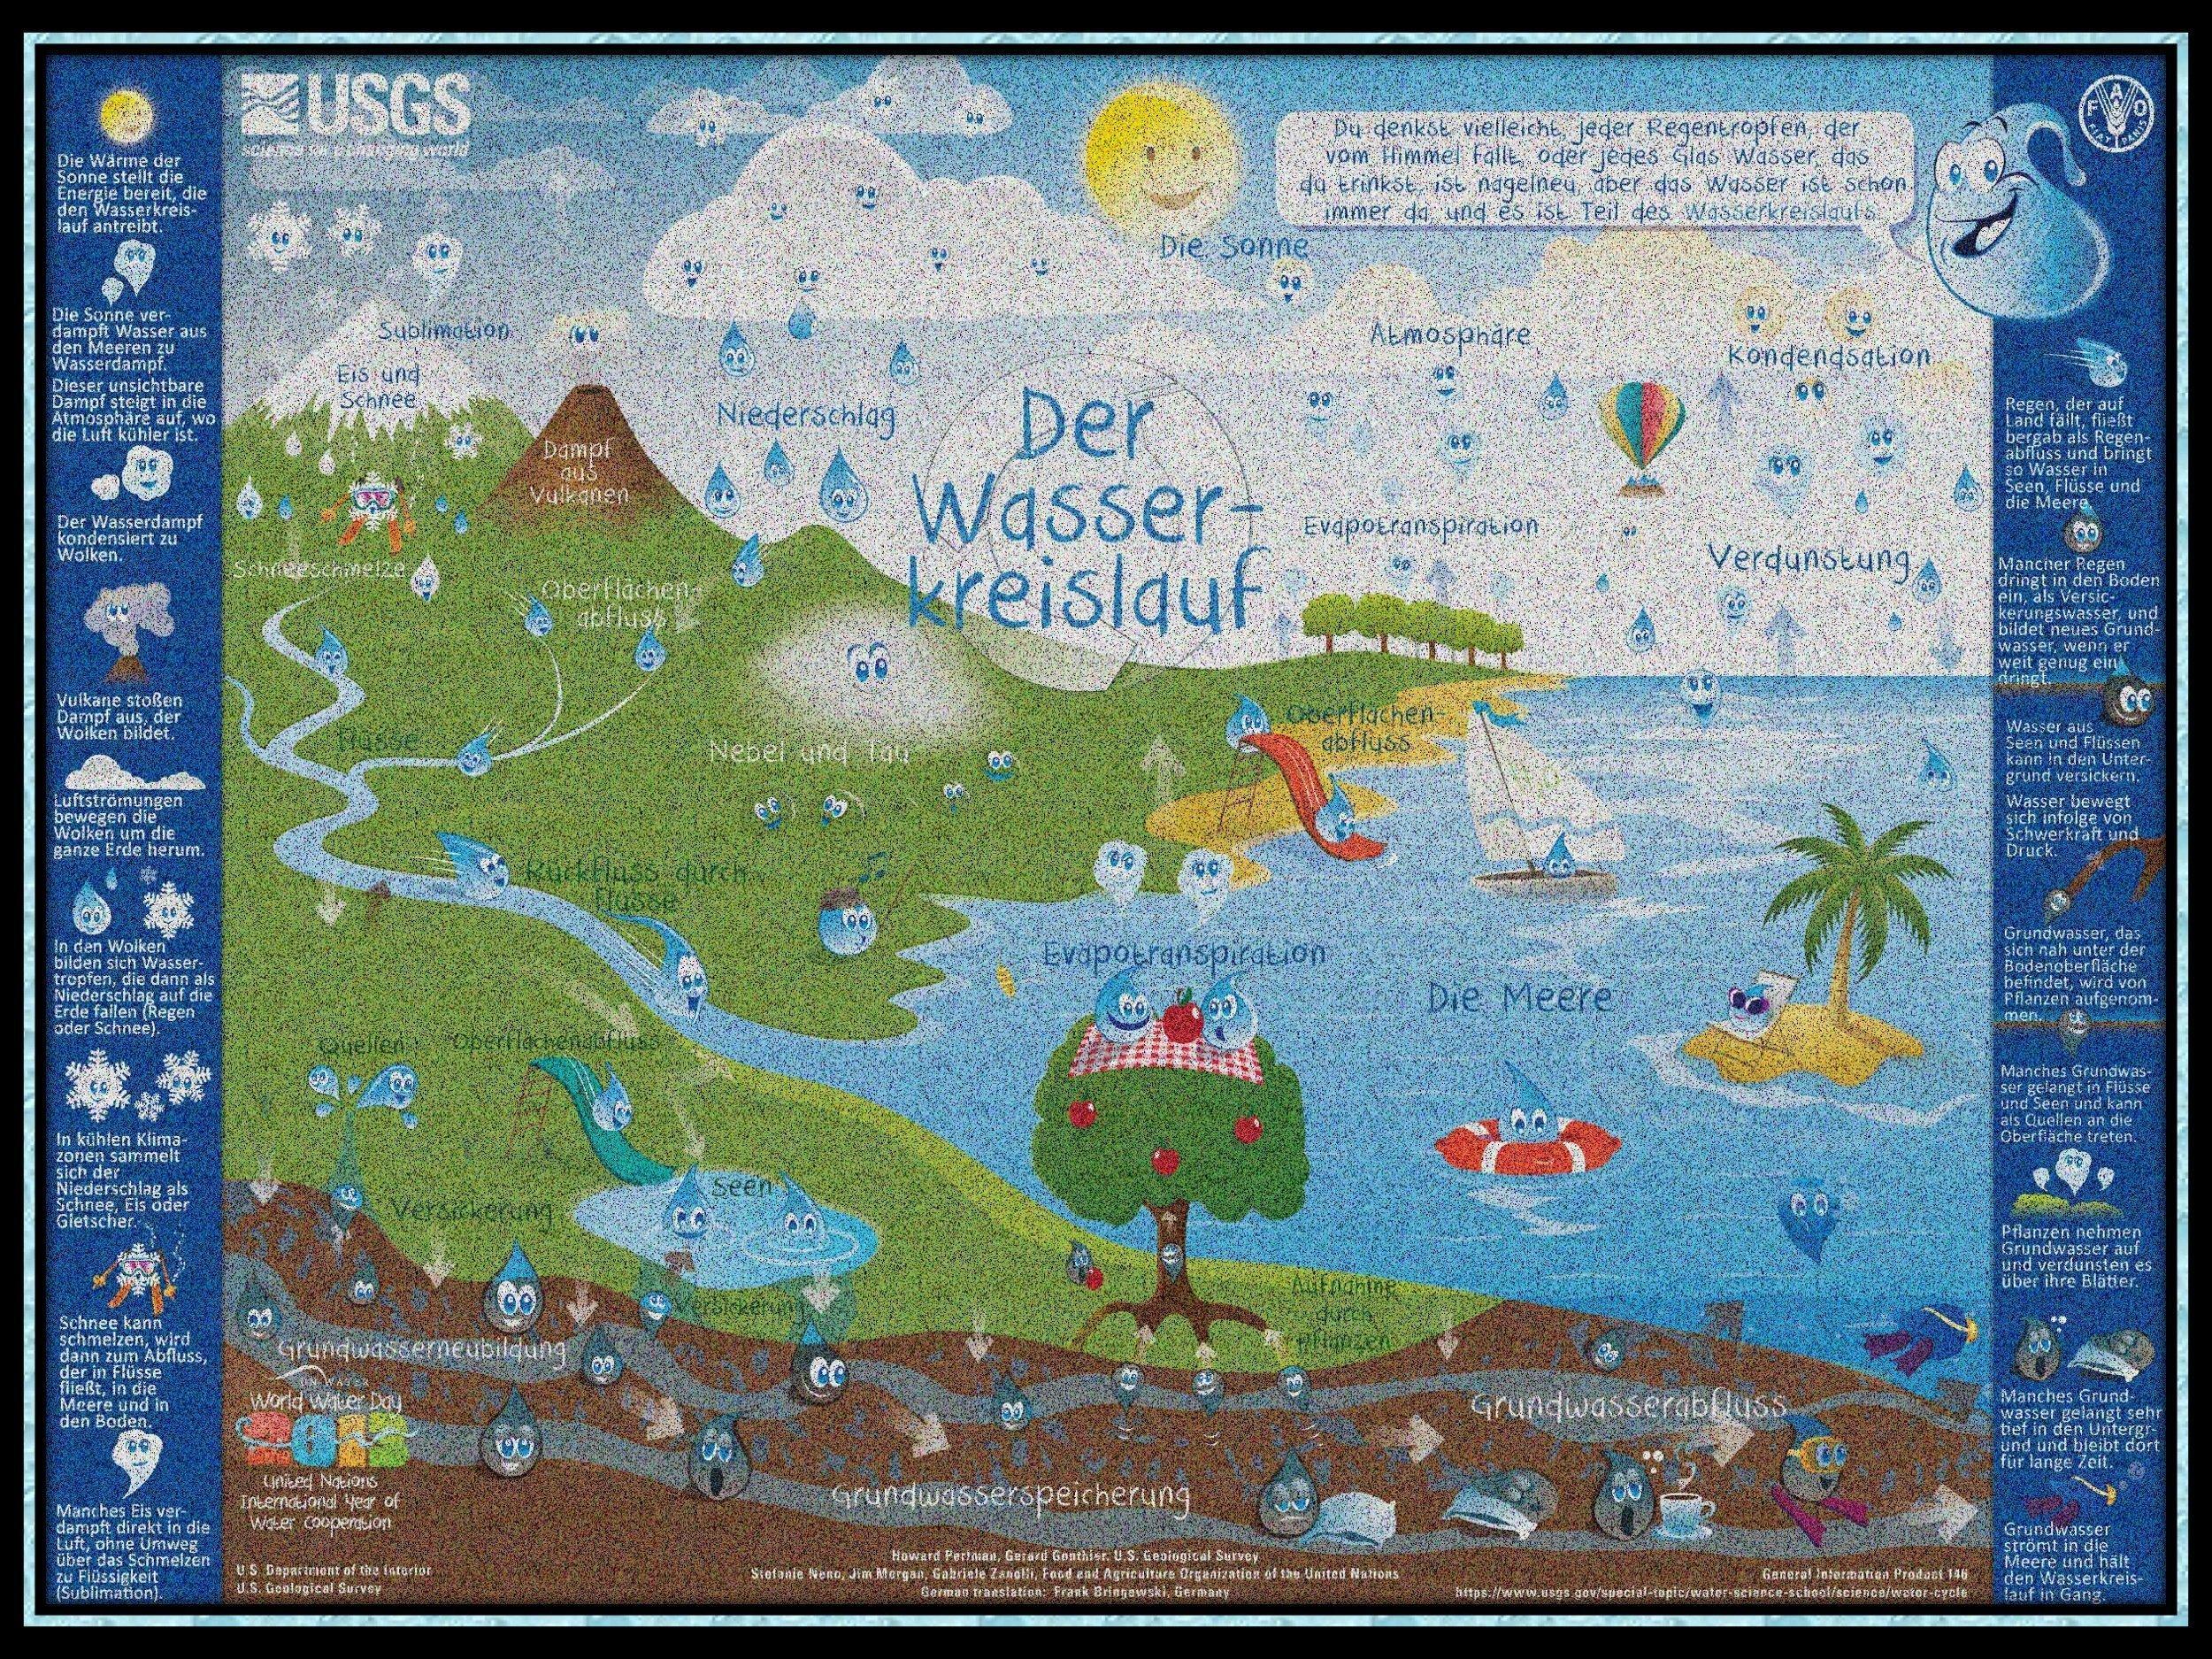 Die Infographik für Kinder zeigt den klassischen Wasserkreislauf durch Meer, Wolken, Gebirgen und Flüssen. Was in der Darstellung fehlt ist der Mensch.